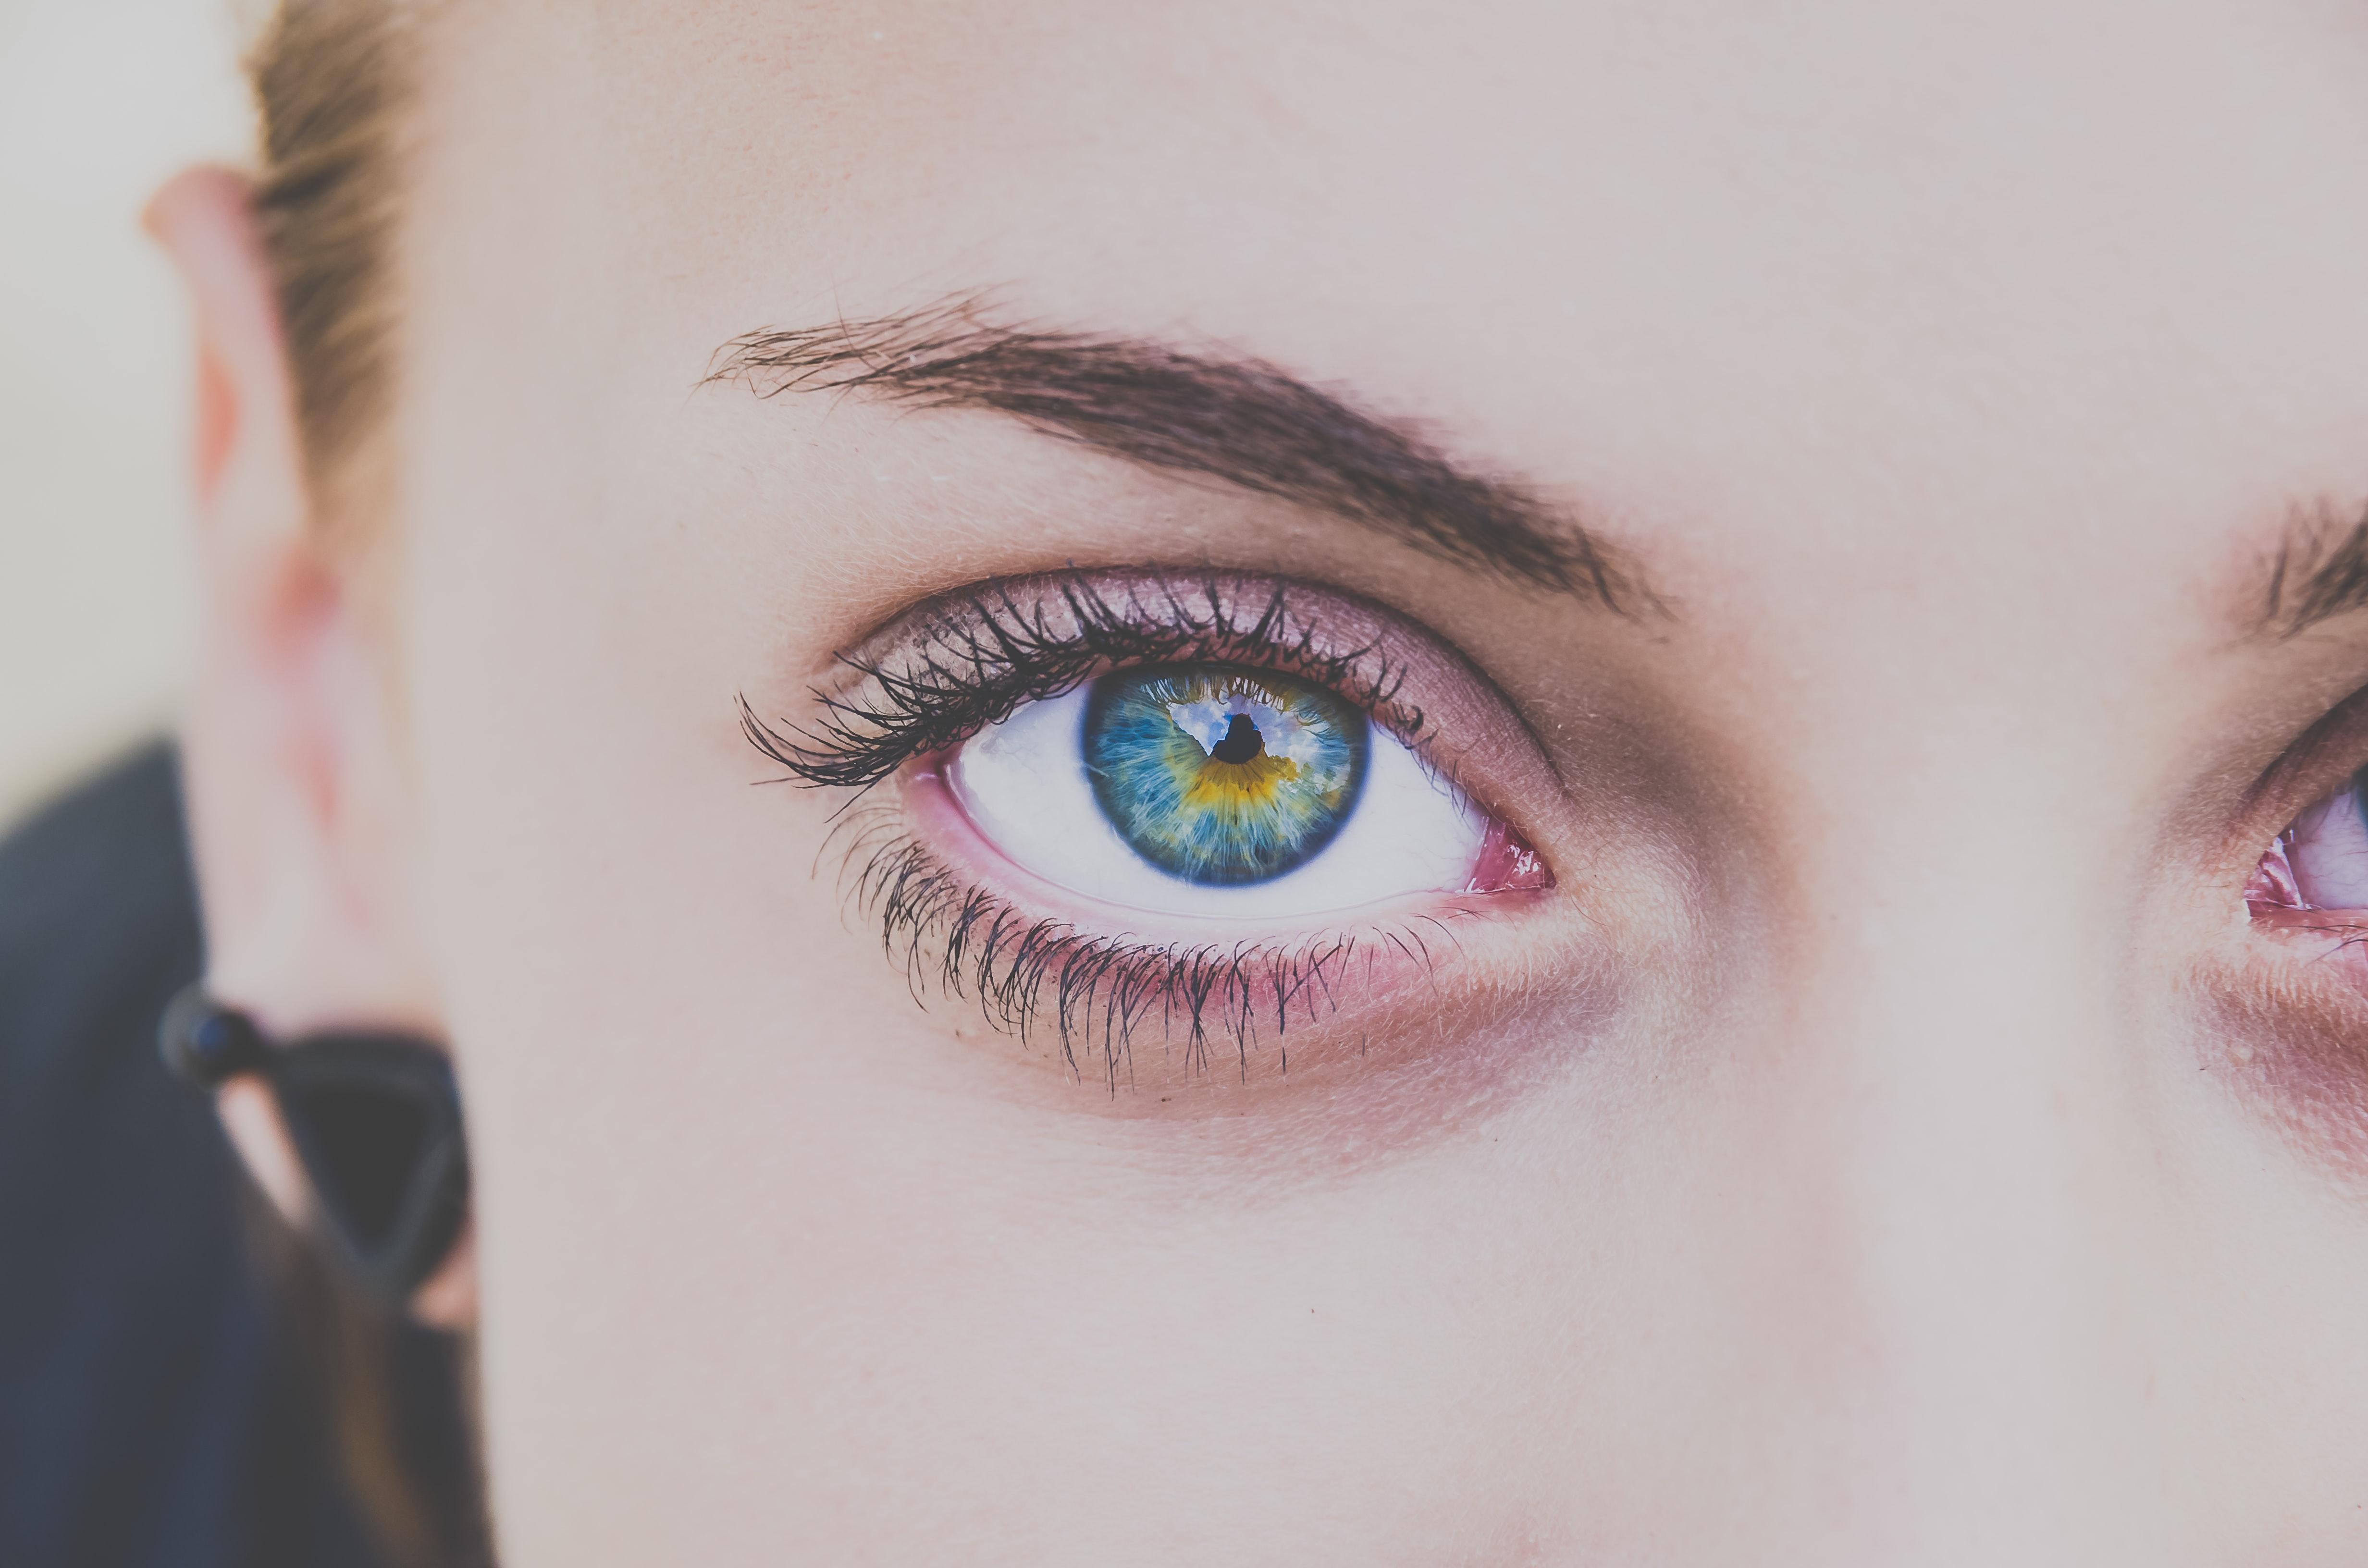 oči različite boje